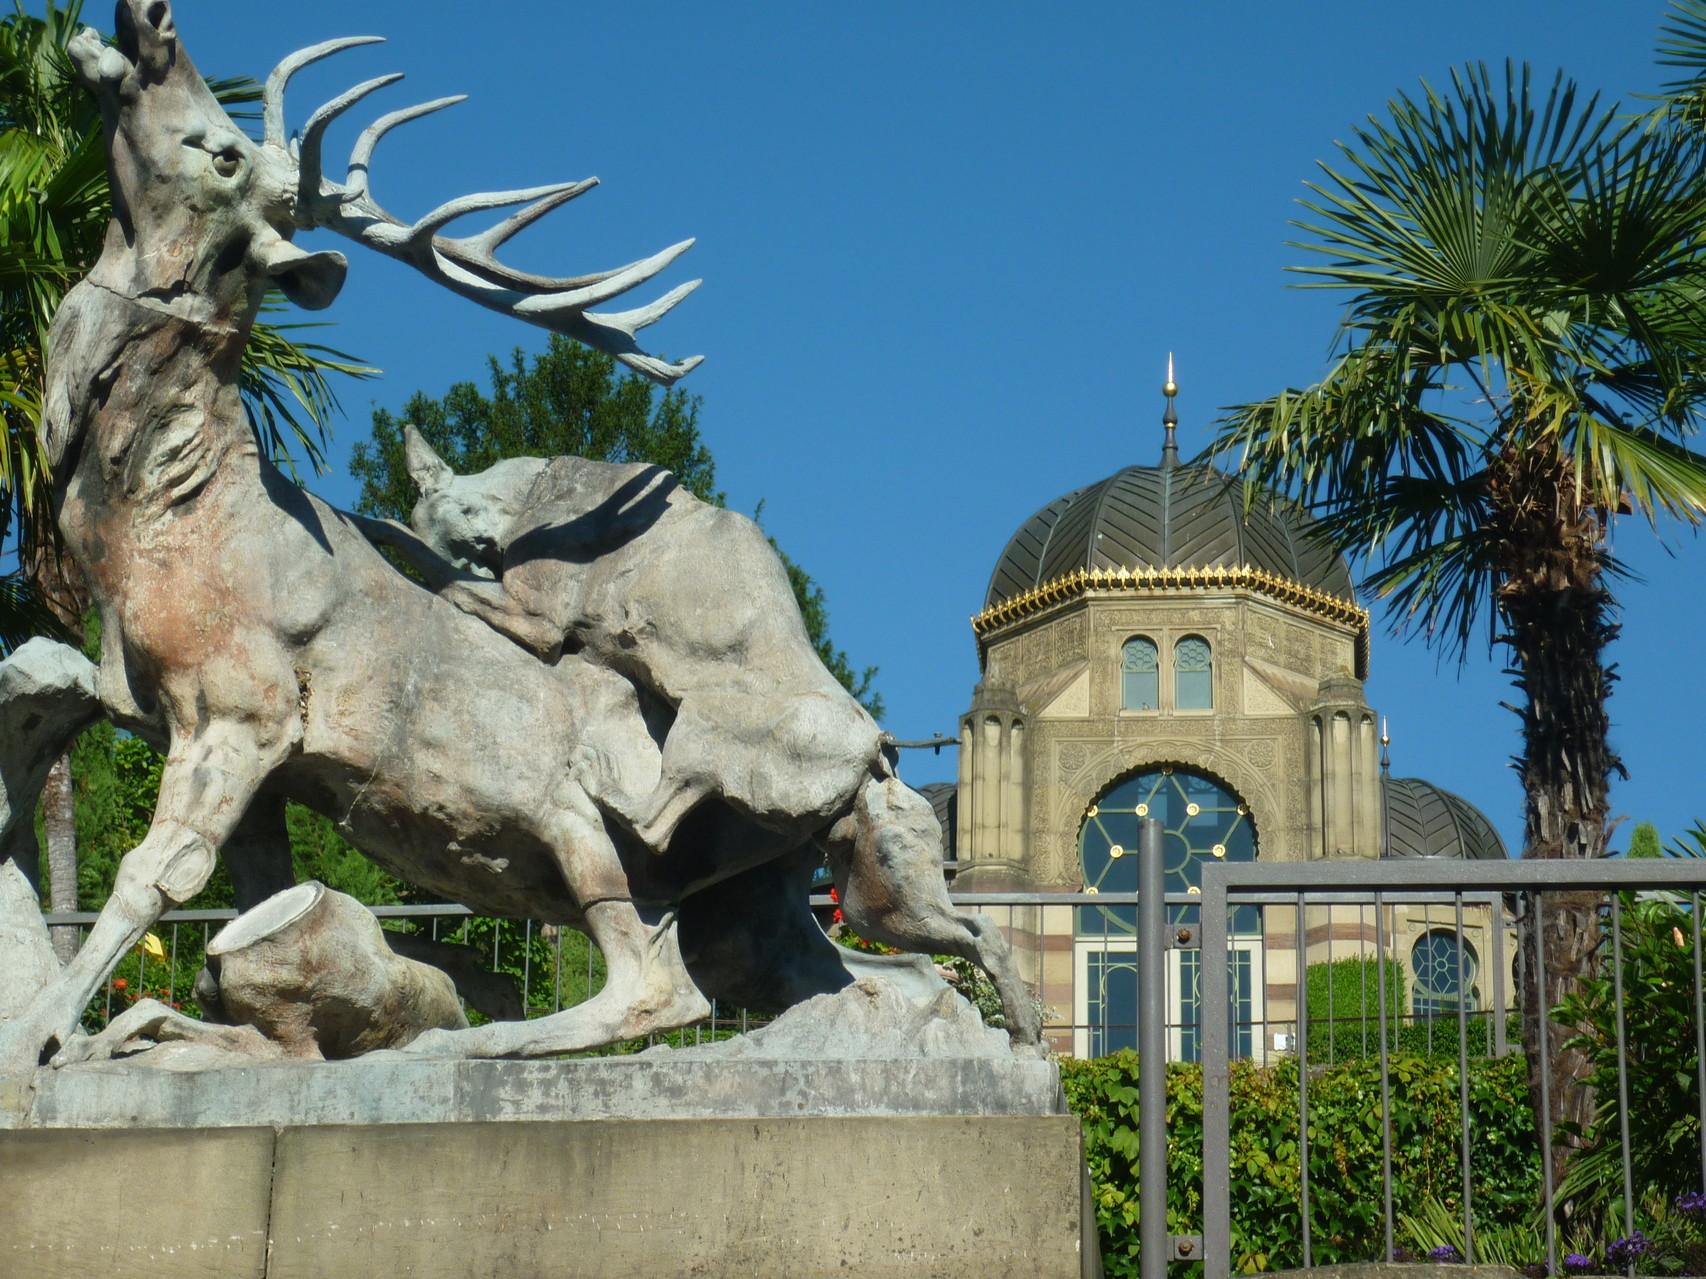 Wilhelma, Bellevue (Geschichte: Vom Affenwerner zum Amazonashaus / kleine Geschichte der Stuttgarter Tiergärten)